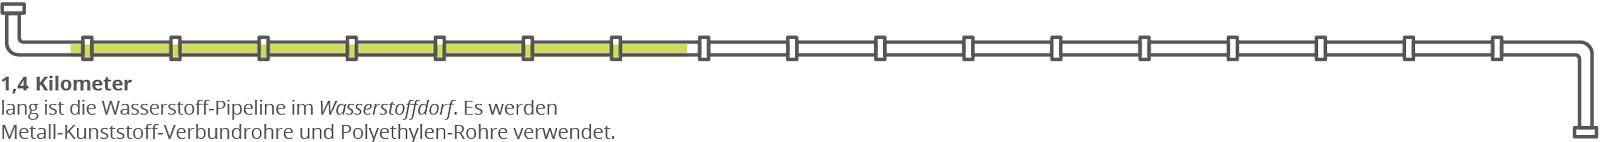 Eine Infos-Grafik einer grün-weißen Rohrleitung schlängelt sich um den Text des Artikels. Darunter ist ein Text zu sehen: 1,4 Kilometer lang ist die Wasserstoff-Pipeline im Wasserstoffdorf. Es werden Metall-Kunststoff-Verbundrohre und Polyethylen-Rohre verwendet.